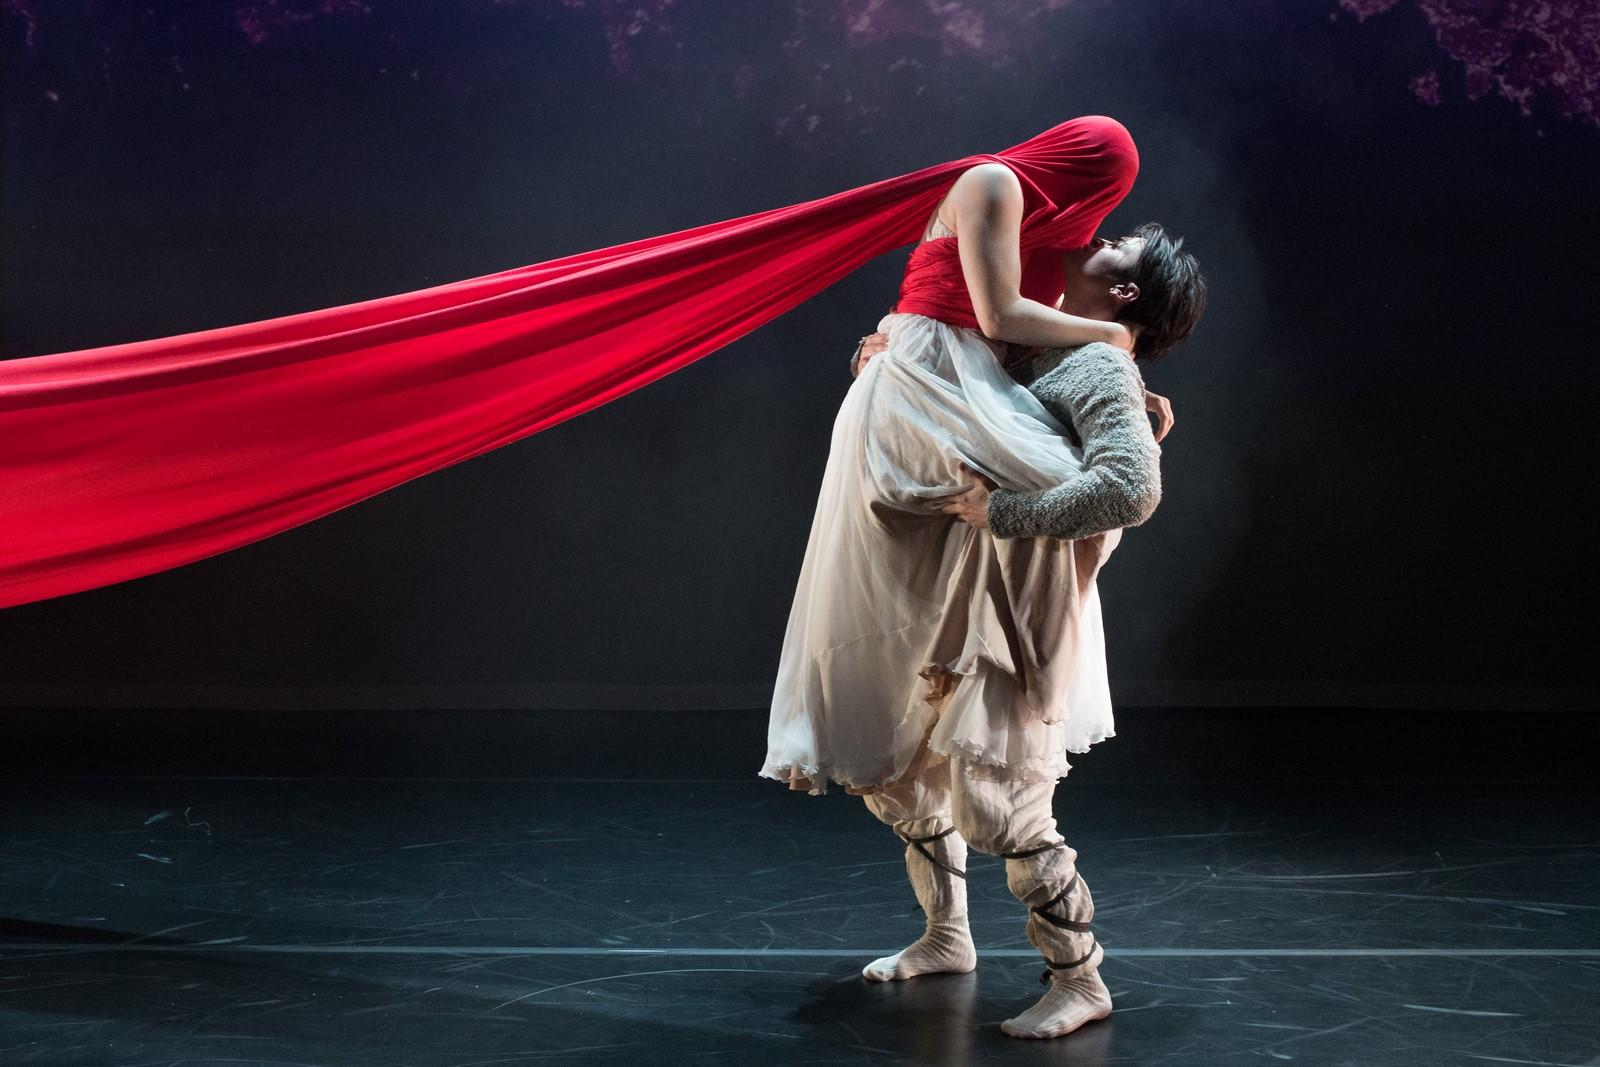 Anmeldelse: Orfeus og Eurydike, Dansekapellet (Meridiano Teatret, Uppercut Danseteater, NordicOpera og Den Fynske Opera)